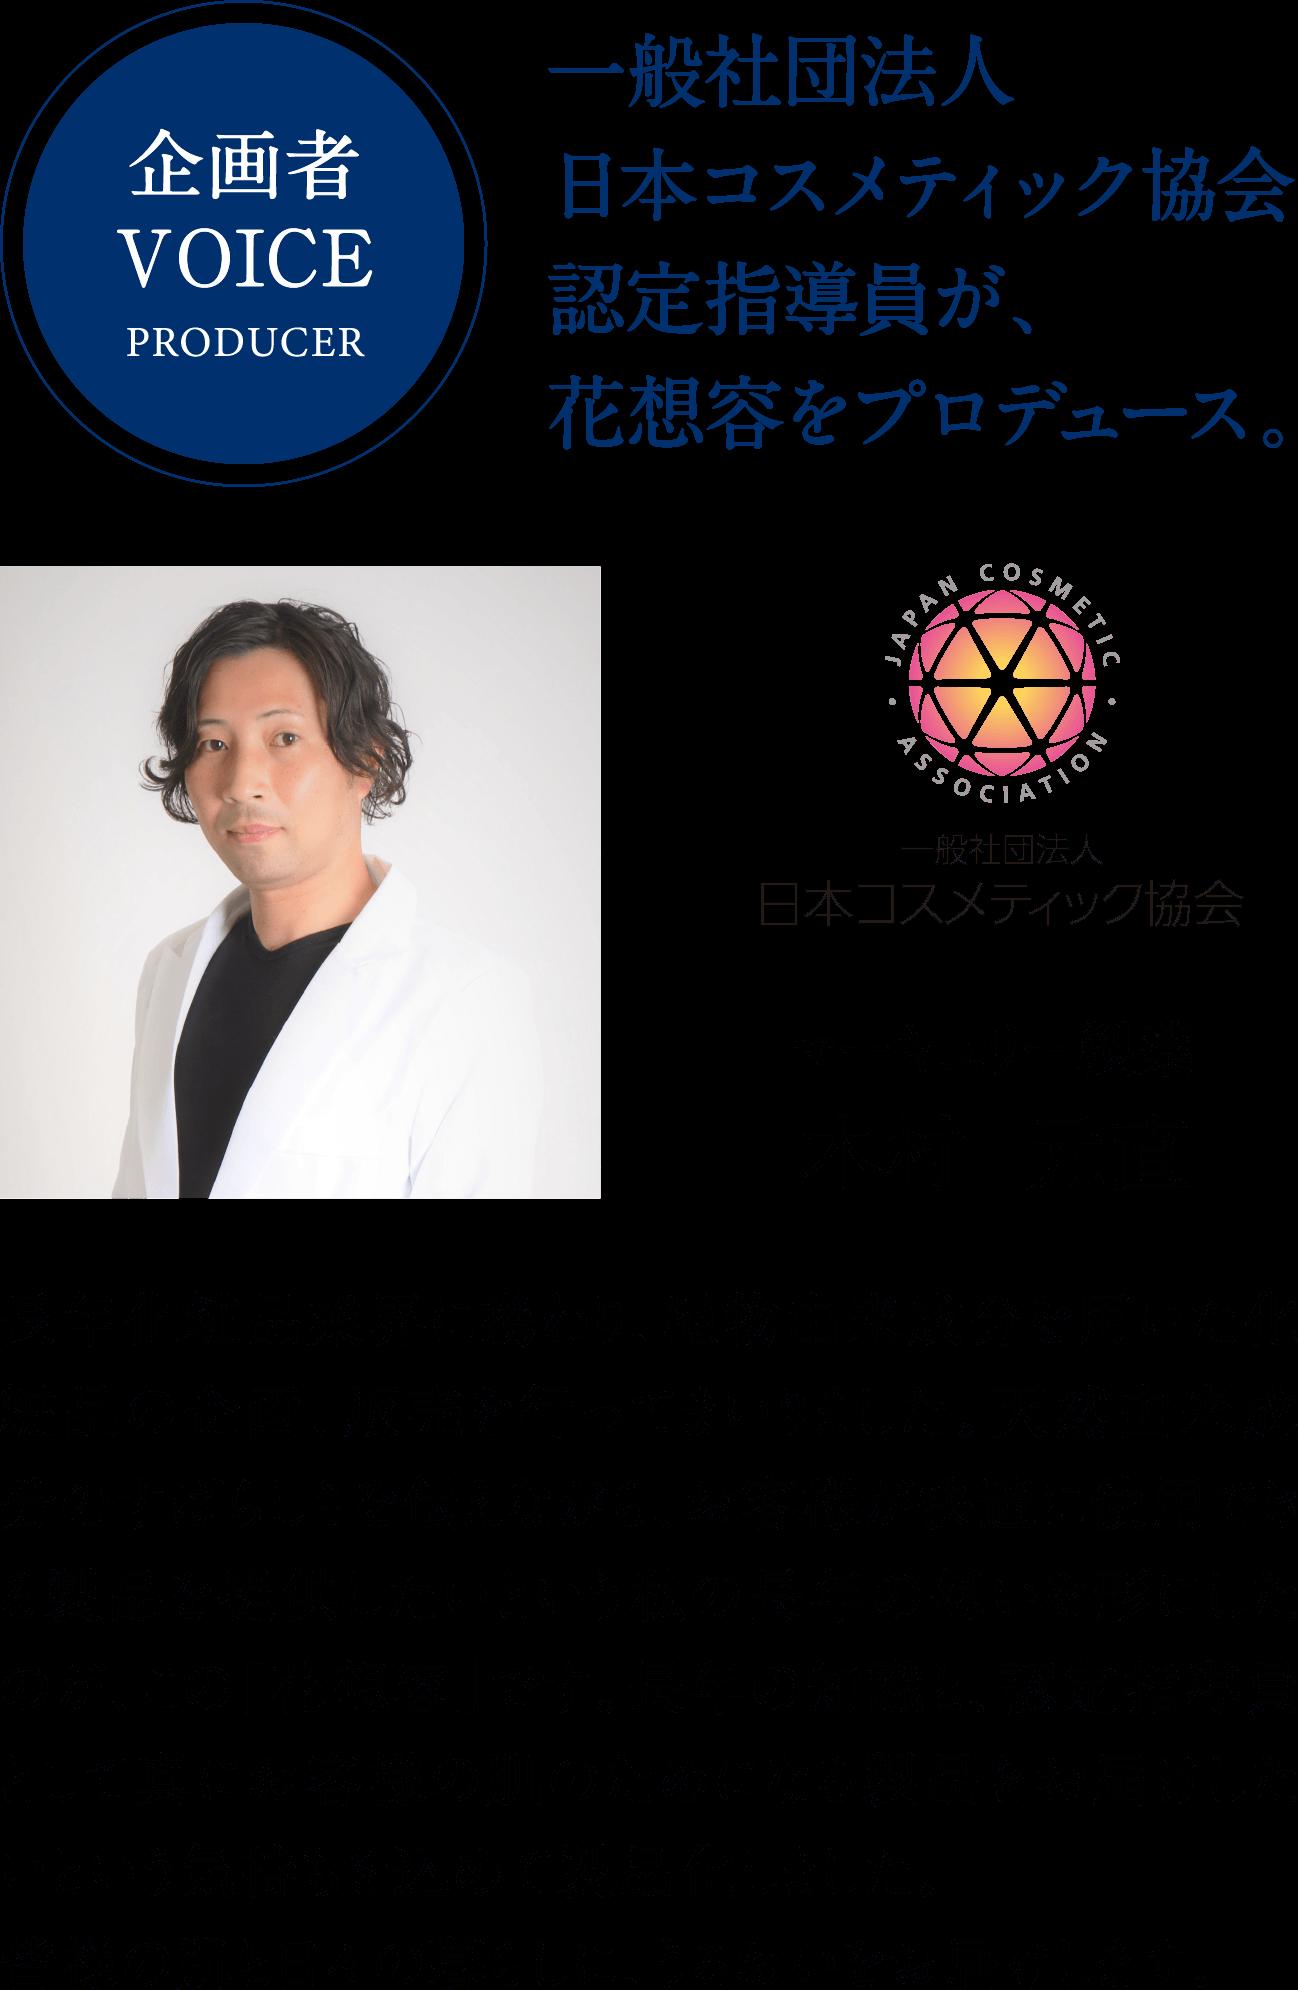 企画者VOICEPRODUCER。一般社団法人日本コスメティック協会認定指導員が、花想容をプロデュース。長年化粧品業界に携わり、植物由来成分を用いた化粧品の企画、販売を行ってまいりました。天然由来成分のすばらしさを伝えながら、お客様が快適に使用できる製品を提供したいという私の長年の想いを形にしたのが、この「花想容」です。長年の知識と、認定指導員として真にお客様の肌のためになる製品をお届けしたいという気持ちを込めて製品化しました。皆様の肌と日々の暮らしに、うるおいをお届けします。木村元直さんの写真。一般社団法人日本コスメティック協会。マーキュリー製薬木村元直。